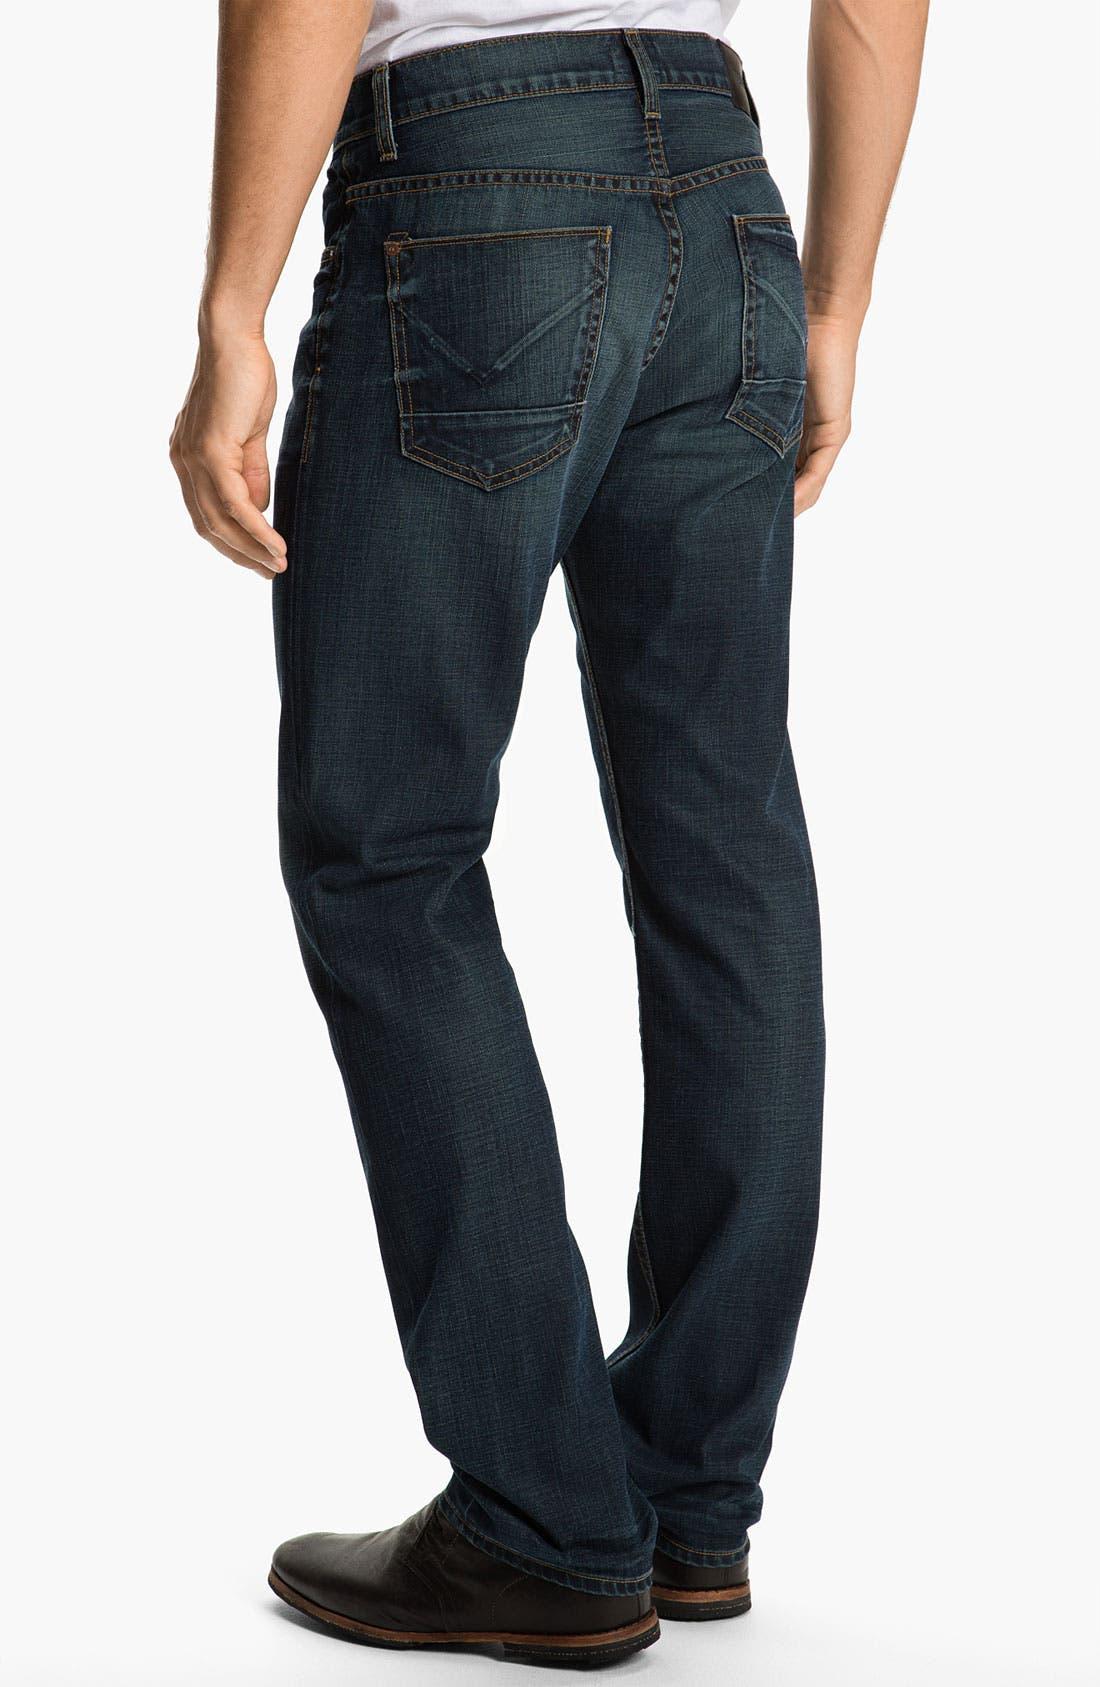 Alternate Image 1 Selected - Hudson Jeans 'Dandy' Slouchy Straight Leg Jeans (Shovel)